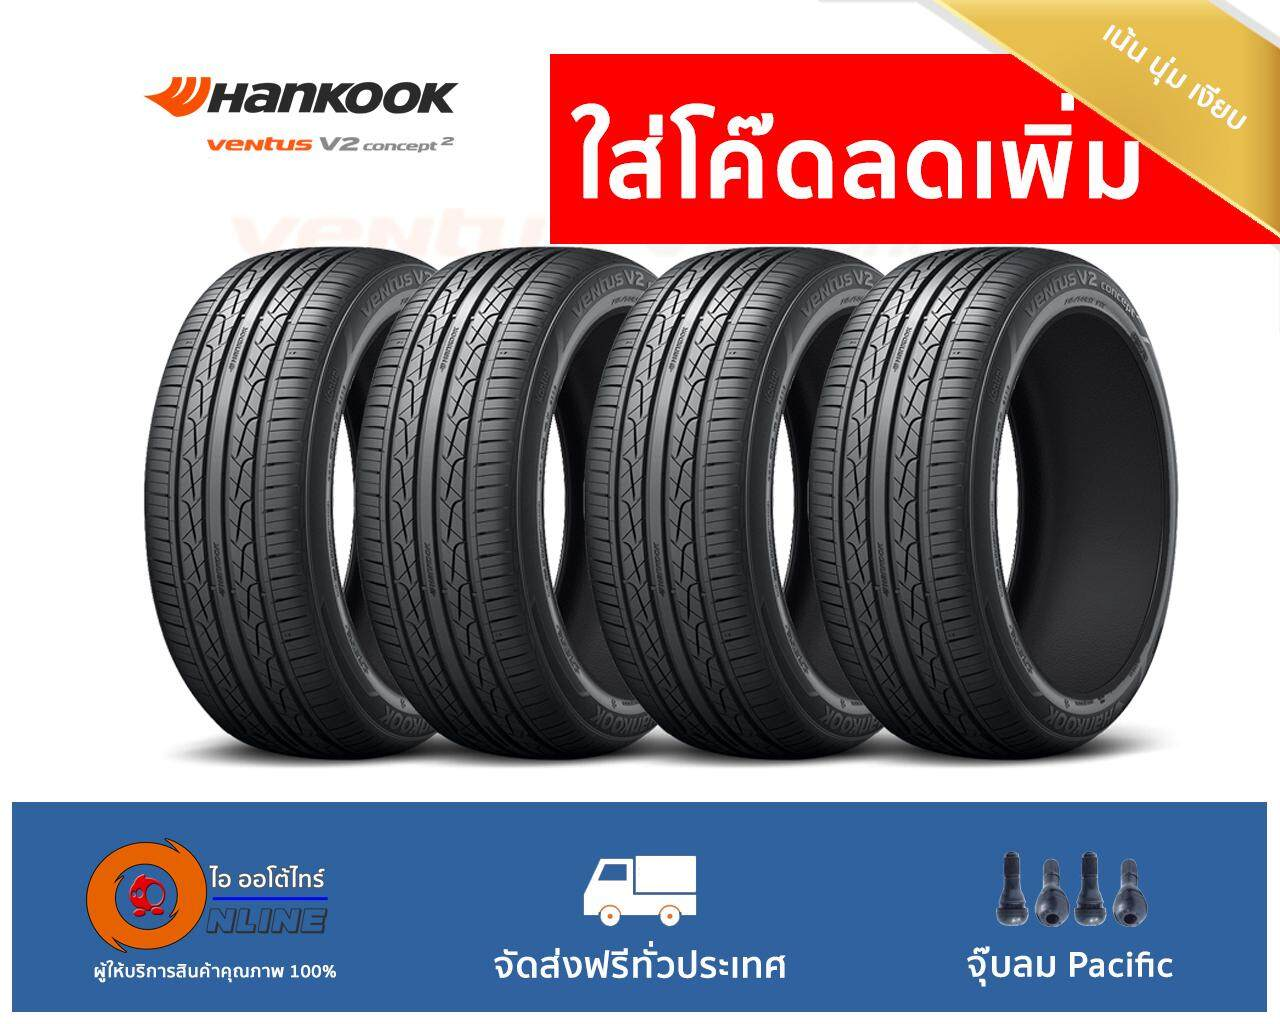 ประกันภัย รถยนต์ 2+ สตูล Hankook V2 ขนาด 195/55/1 (4 เส้น)